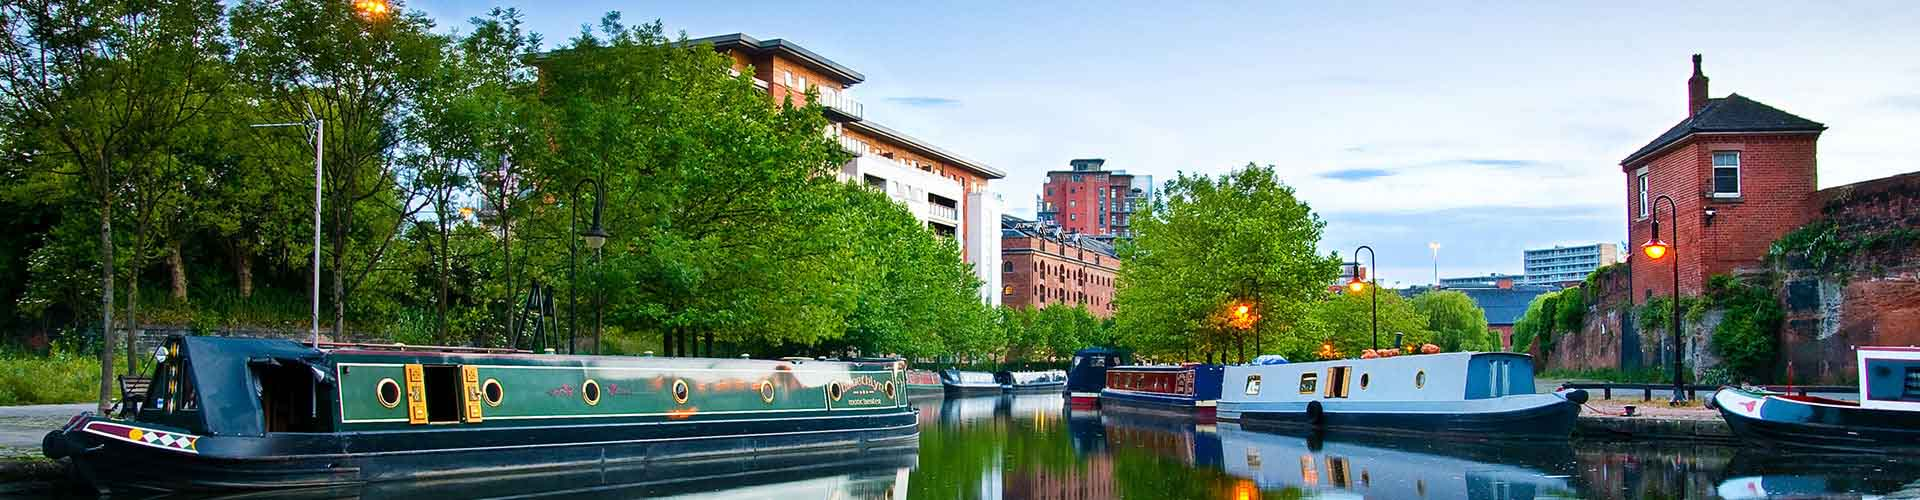 Manchester - Hoteles baratos en Manchester. Mapas de Manchester, Fotos y Comentarios para cada alojamiento en Manchester.